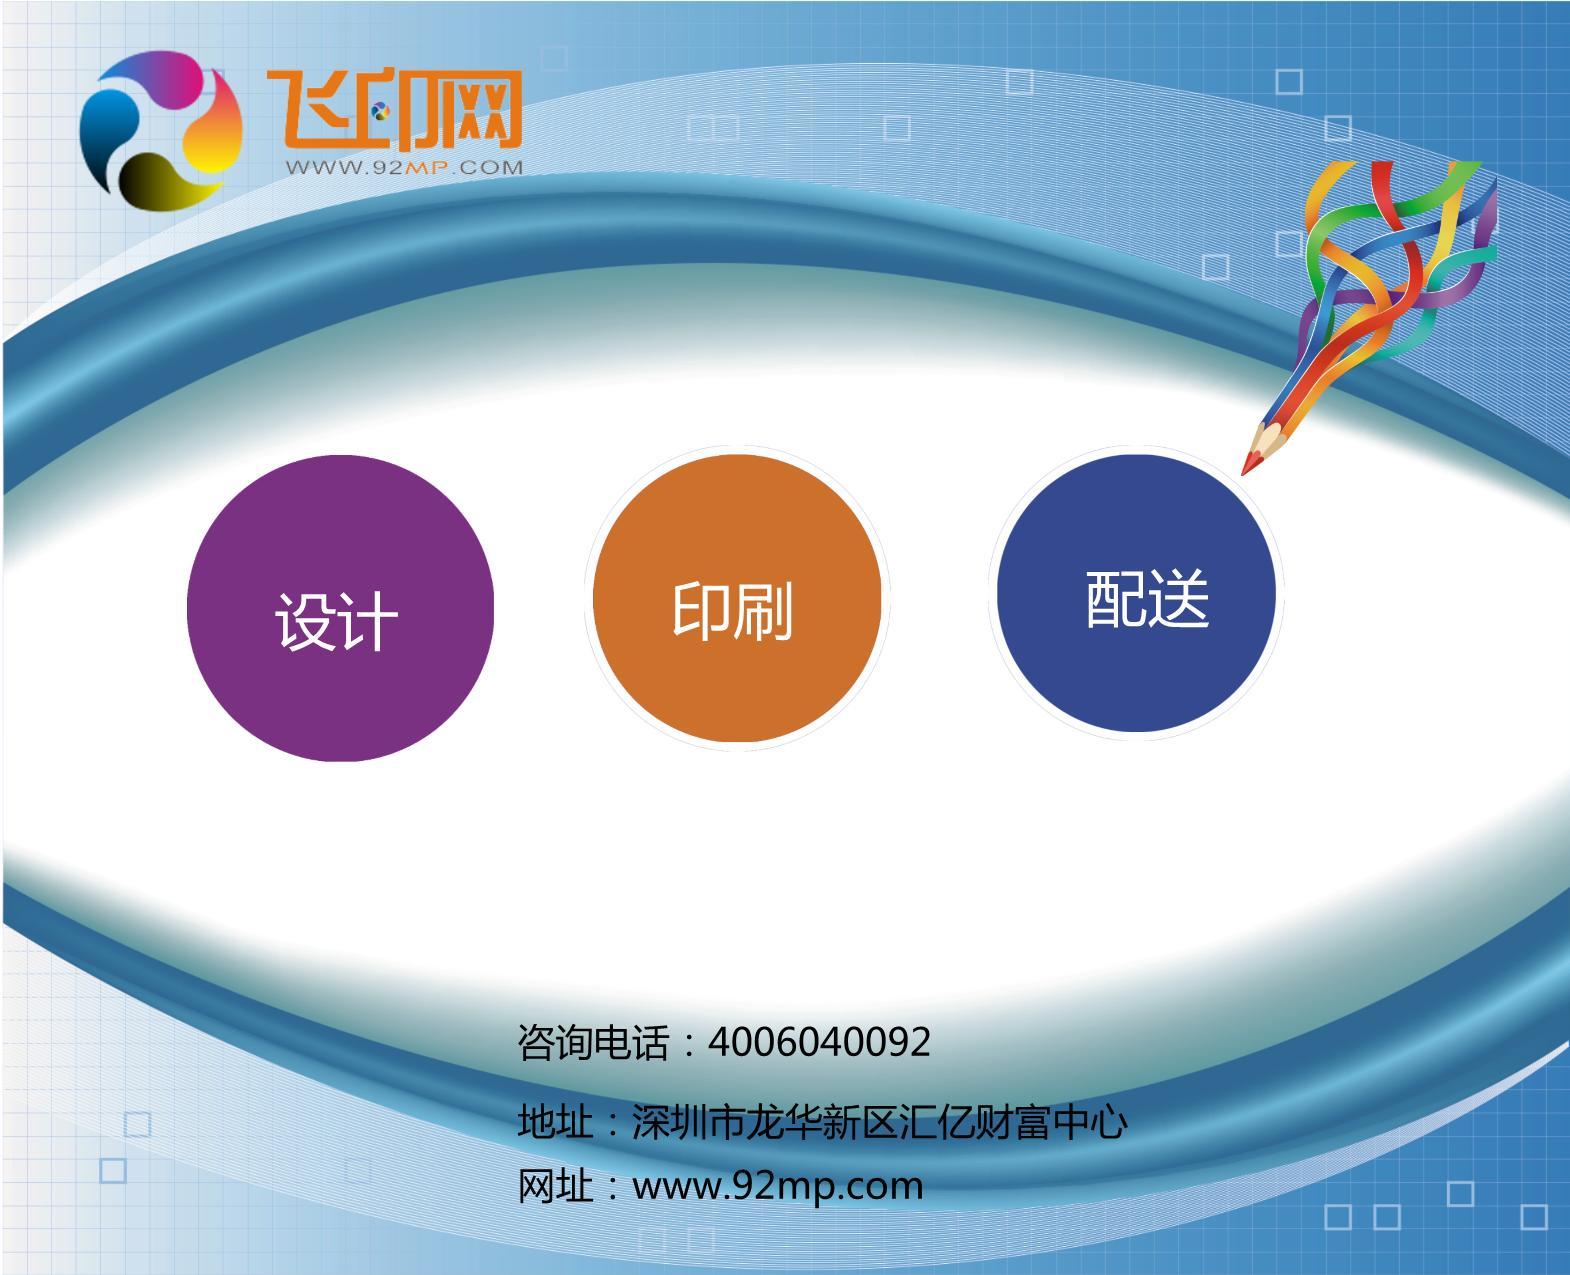 彩色印刷设计传媒公司鼠标垫模板下载